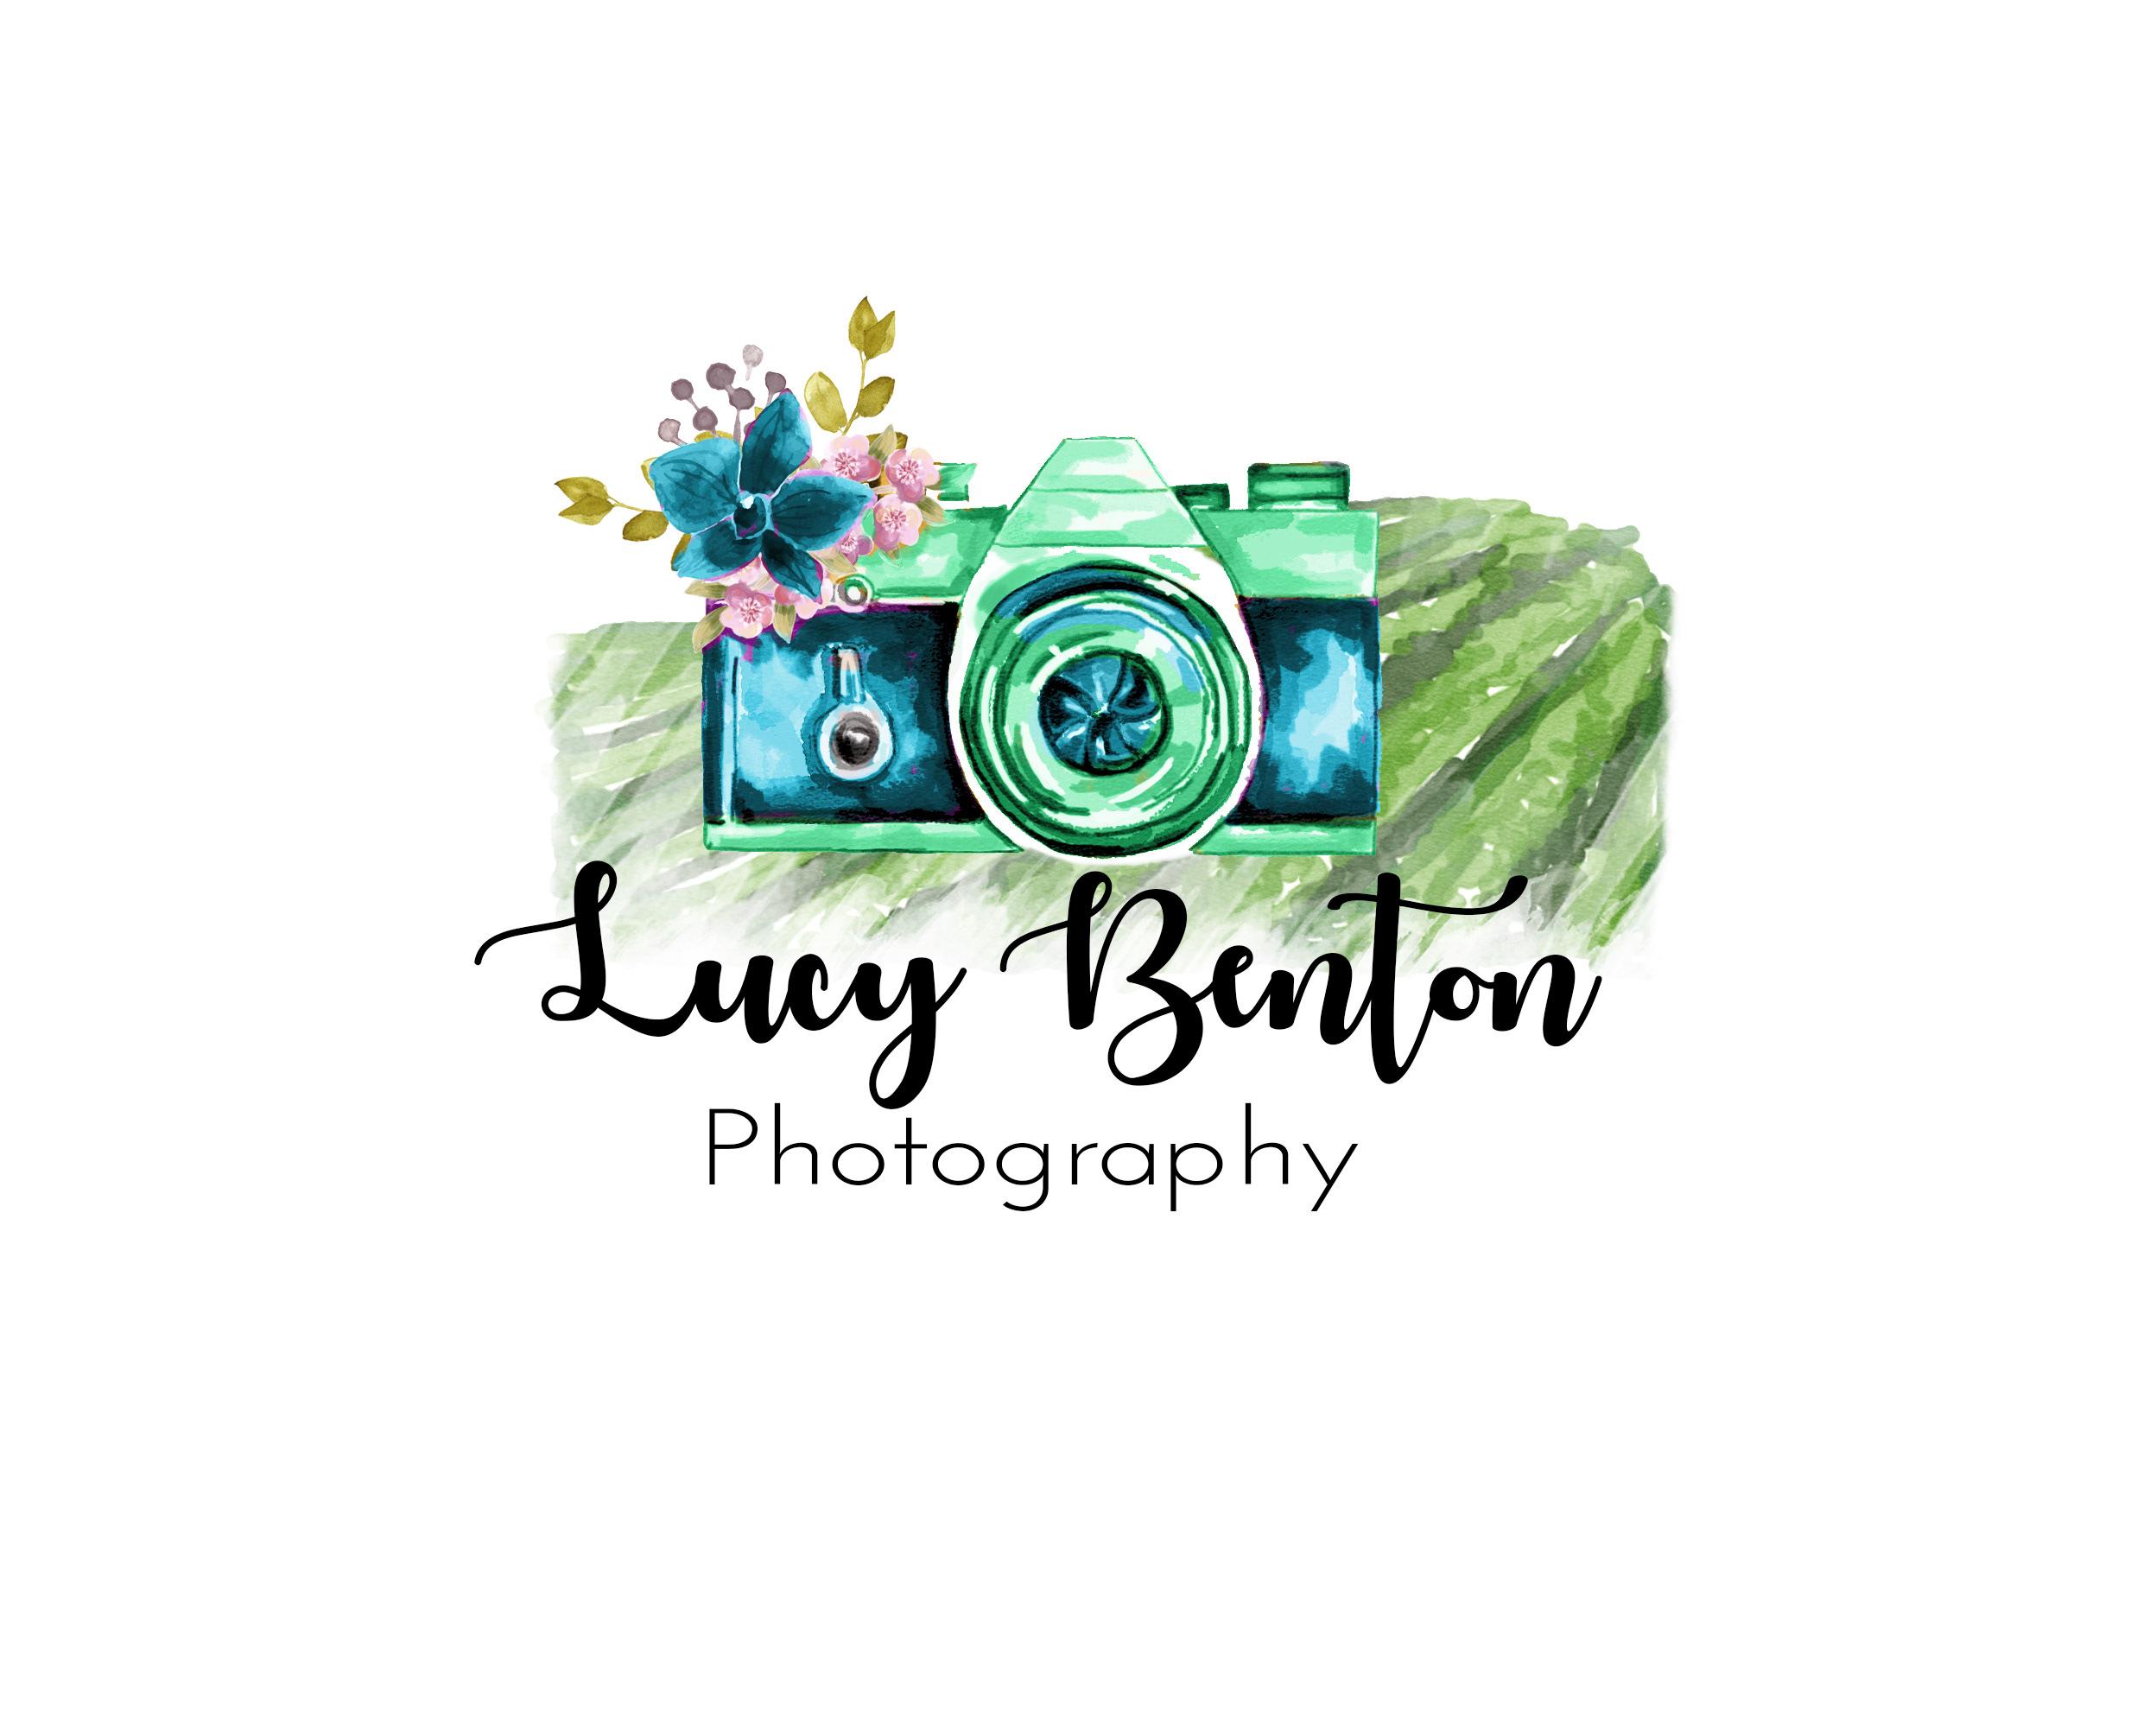 Lucy benton